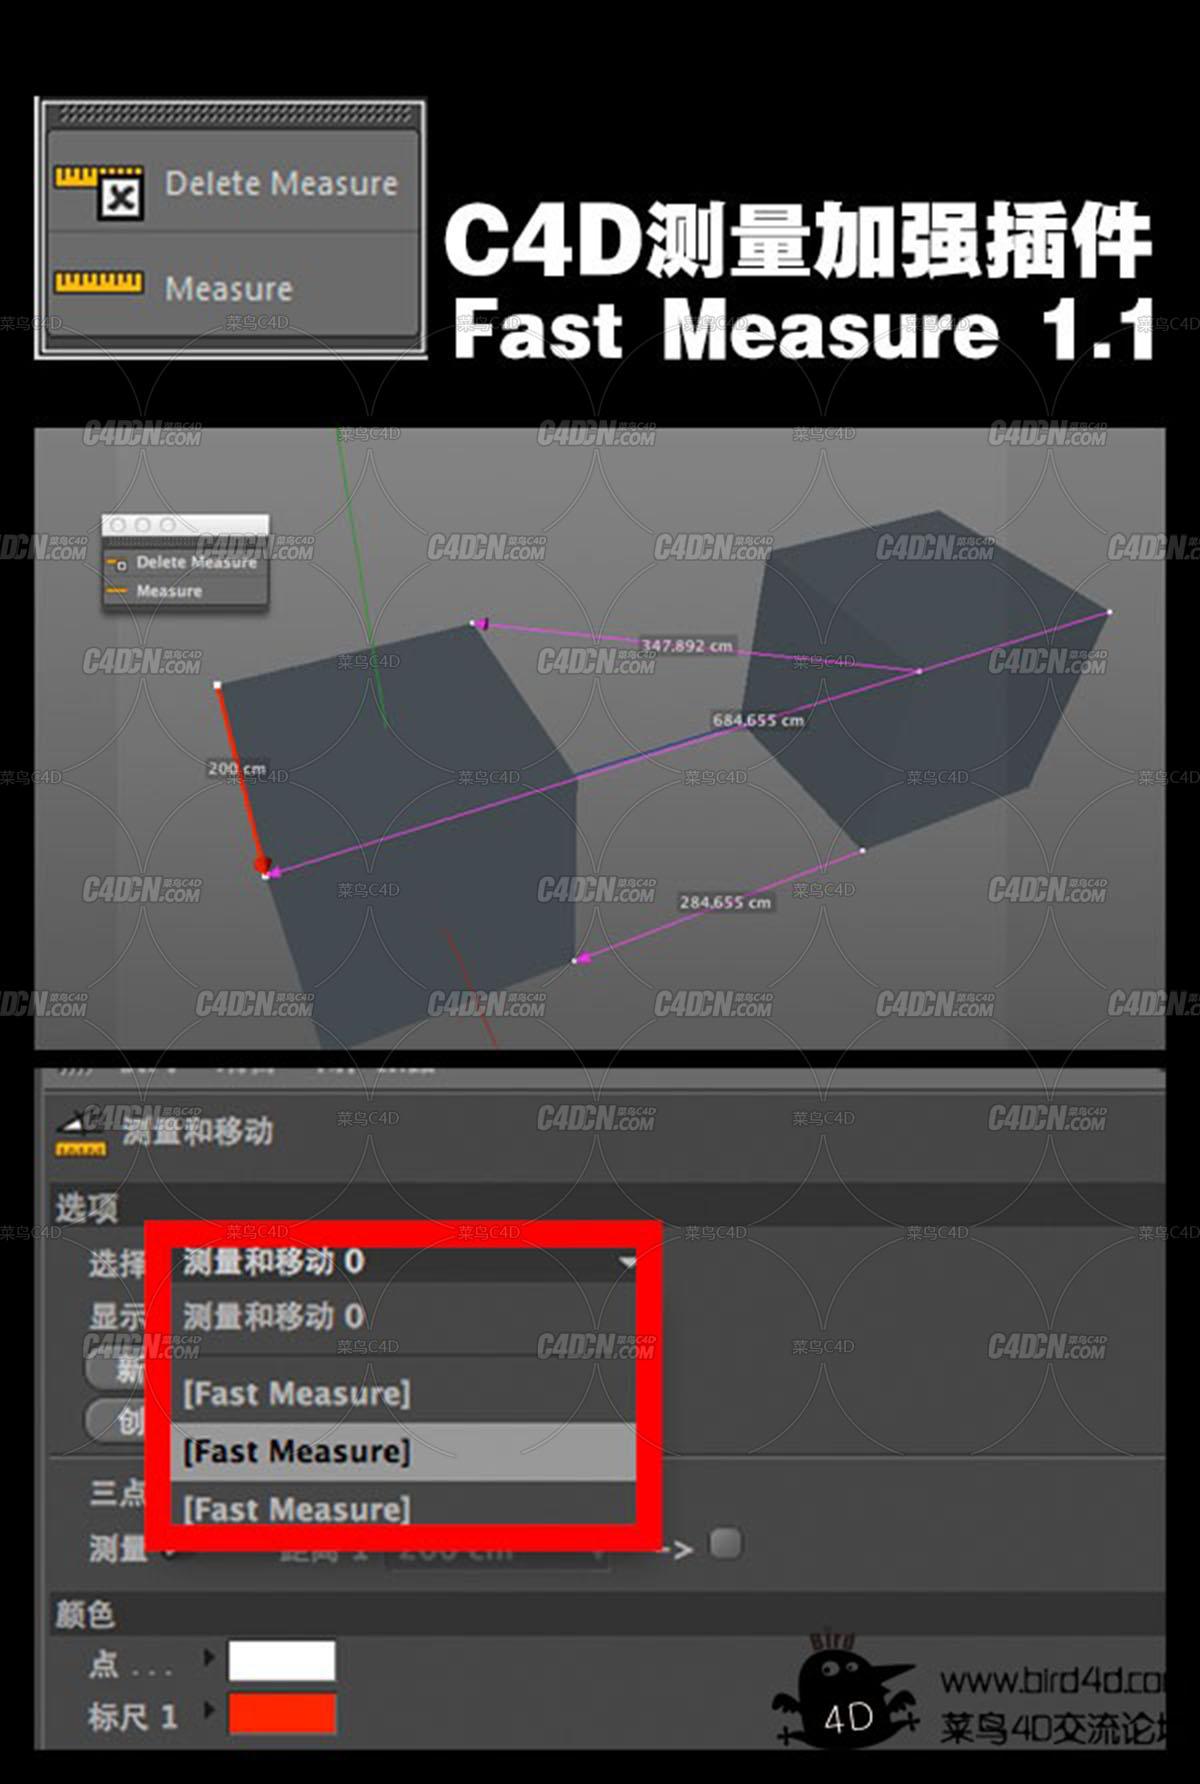 [支持R15/16]C4DZone Fast Measure 1.1 快速测量工具 附带一个C4D测量工具的教程